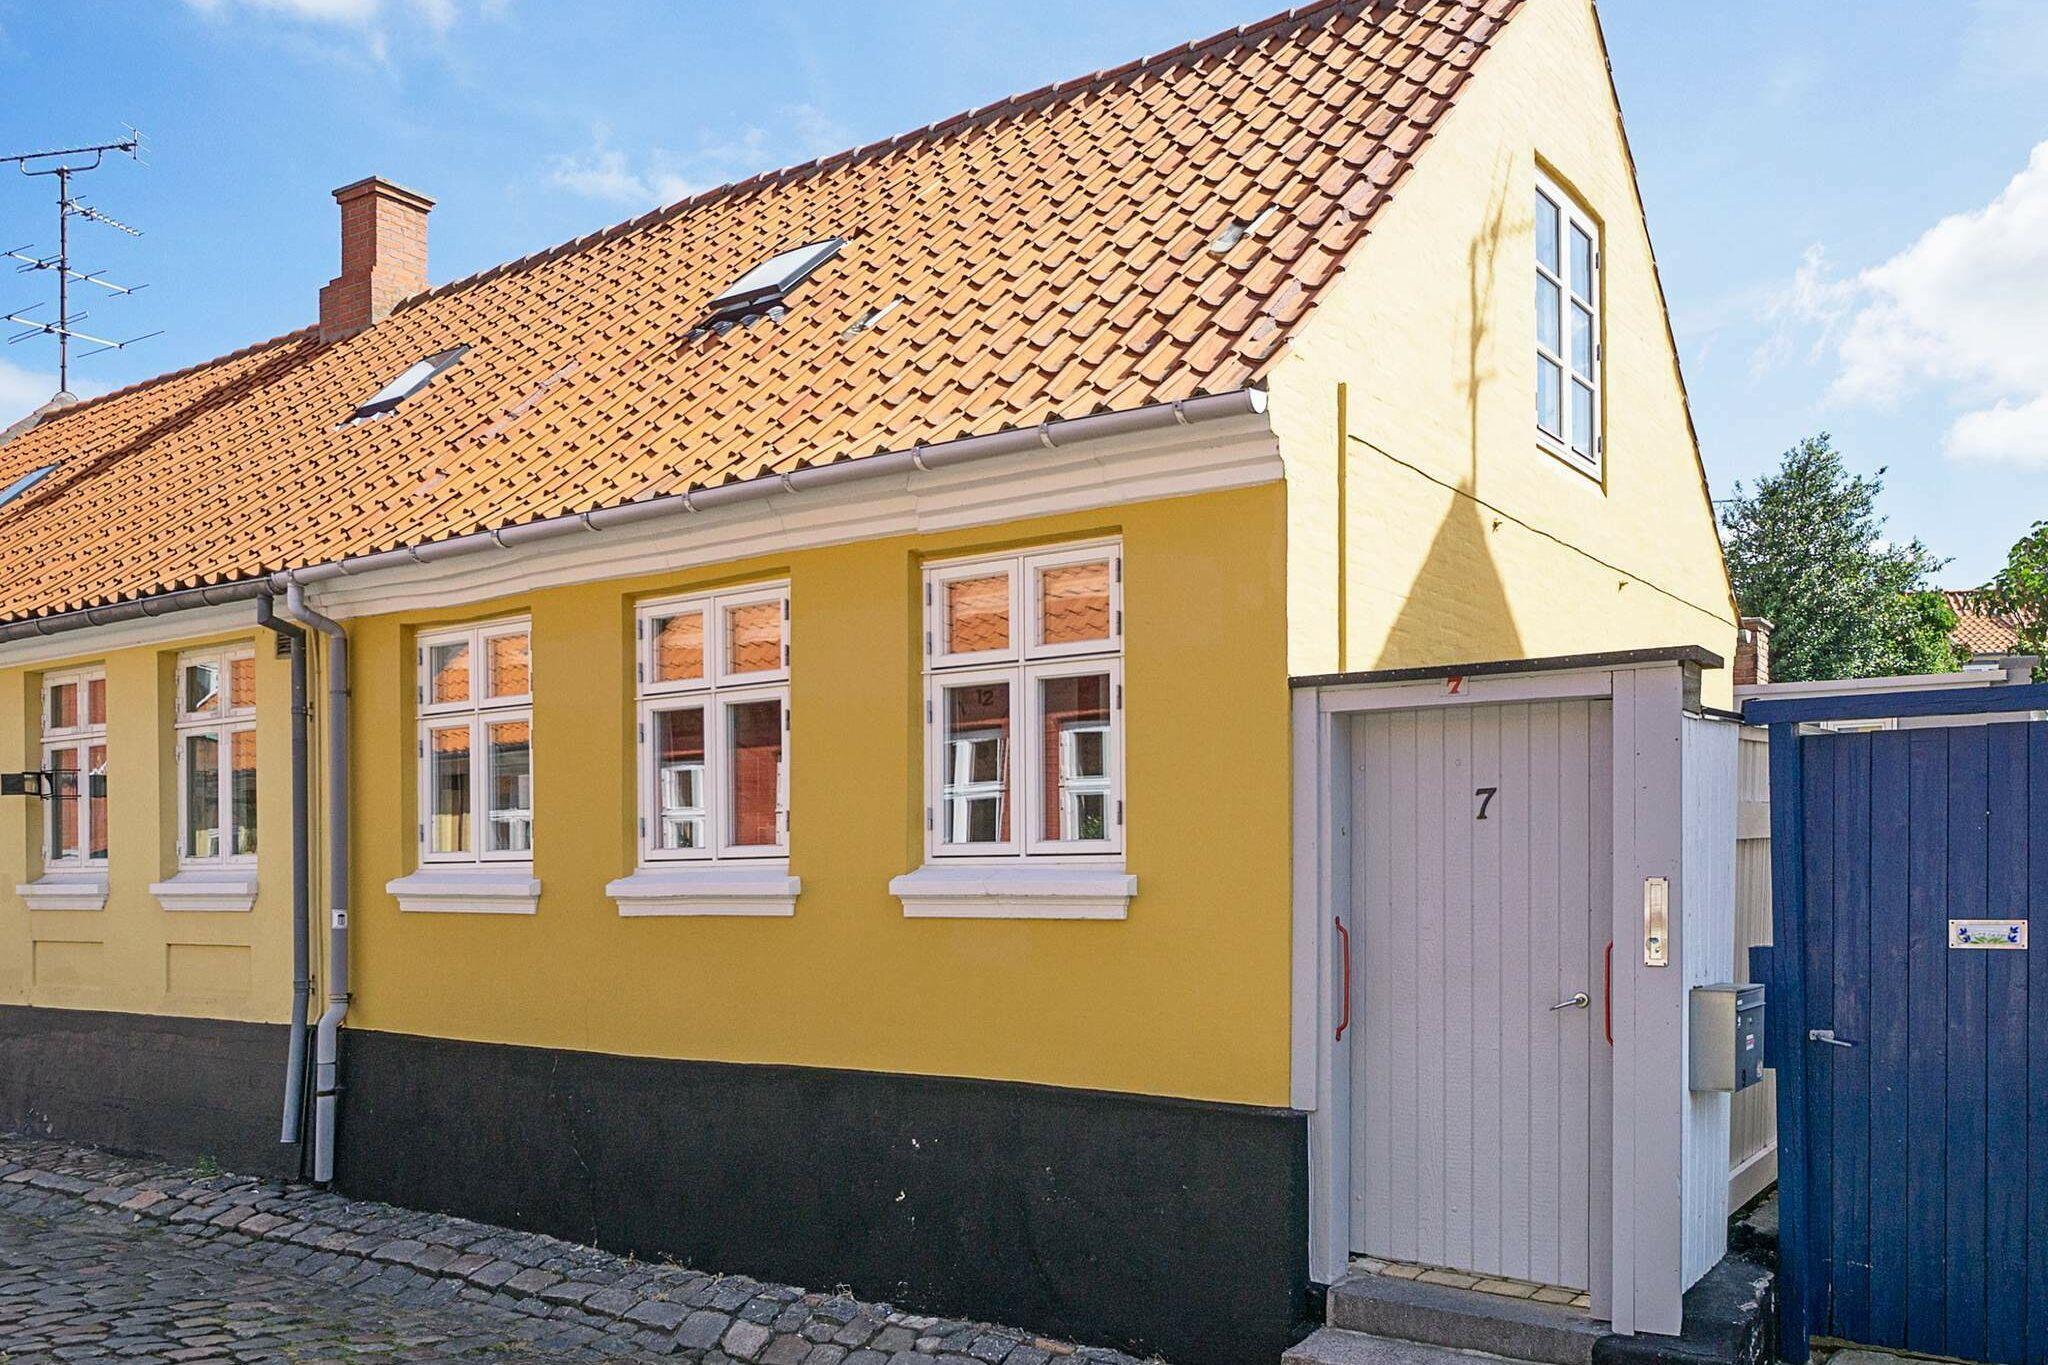 Ferienhaus in Rönne für 5 Personen